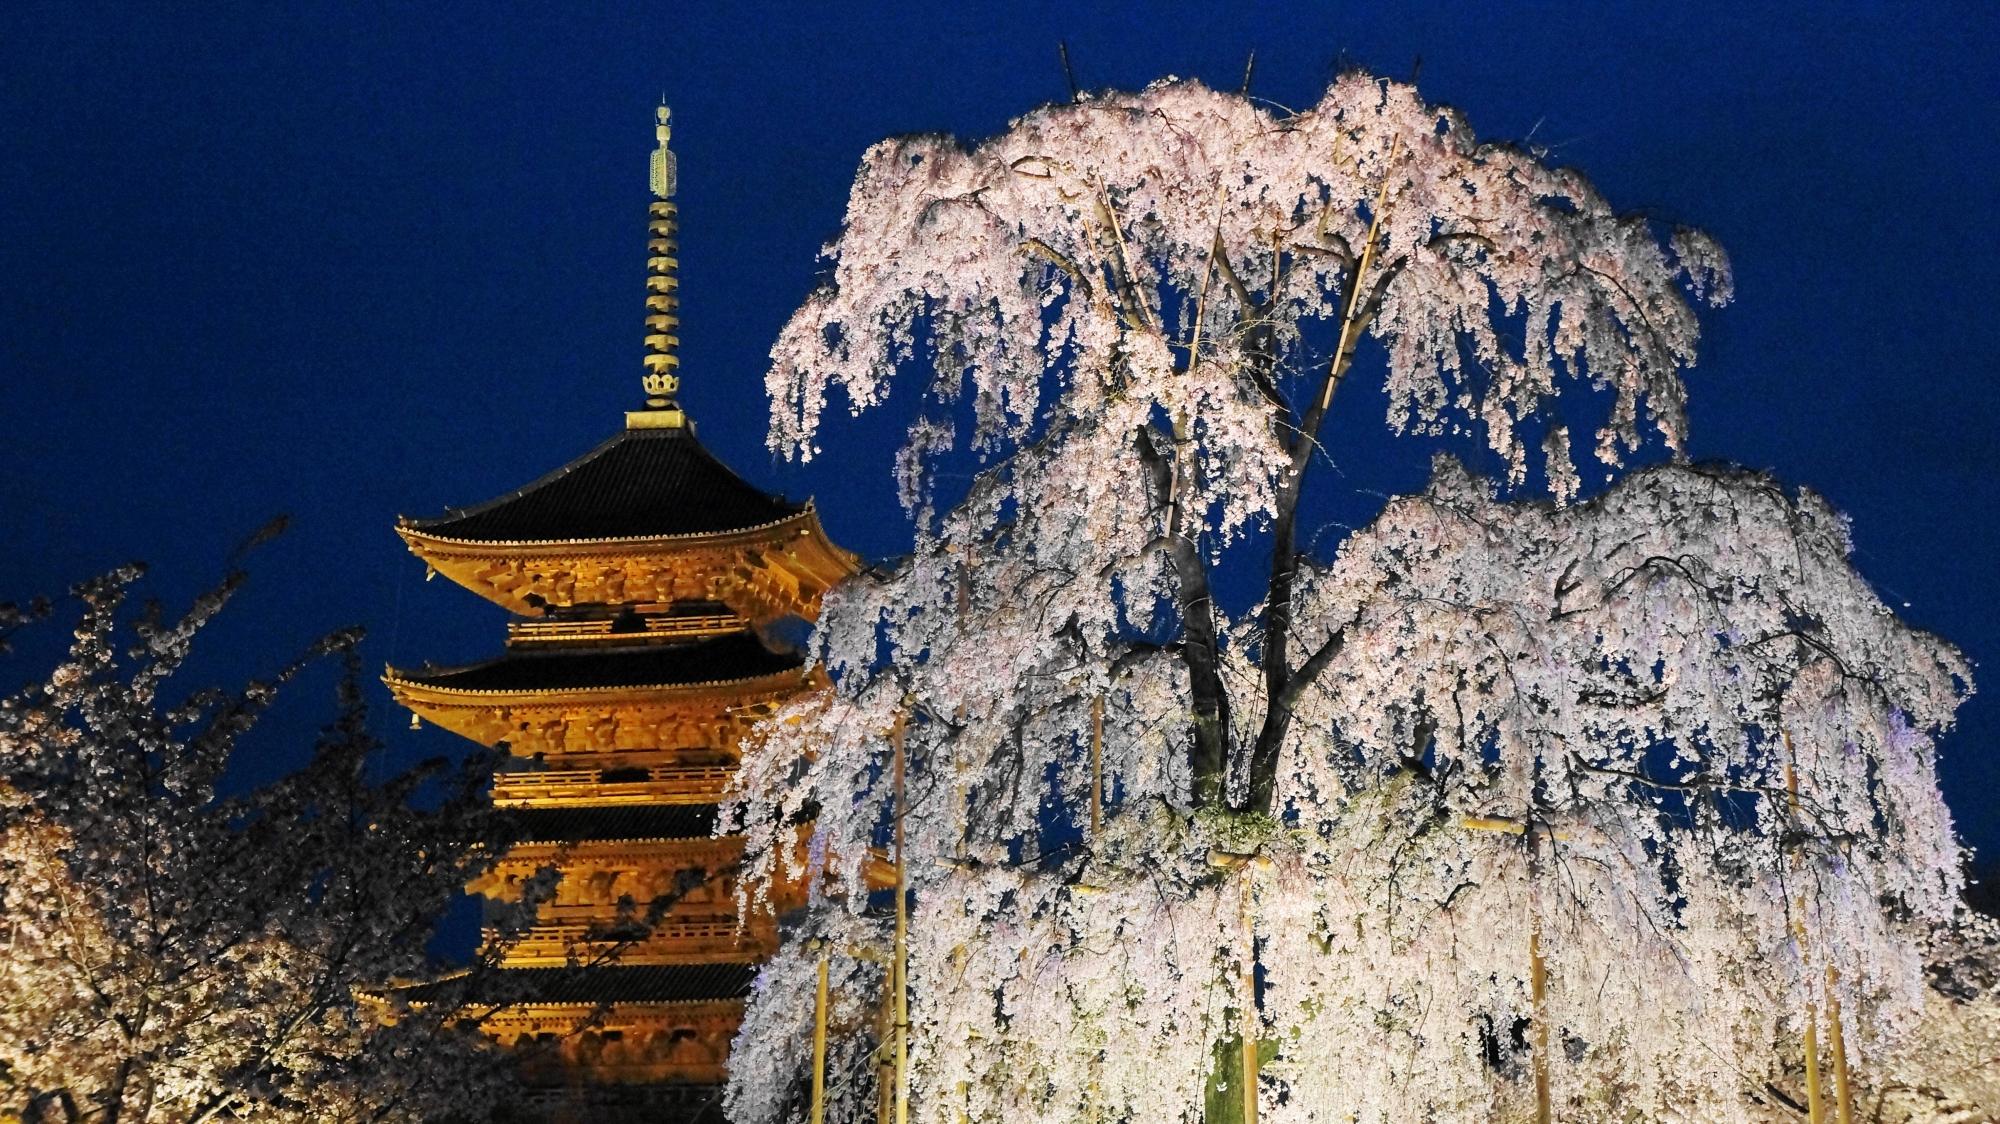 豪快に咲く不二桜と五重塔のライトアップ